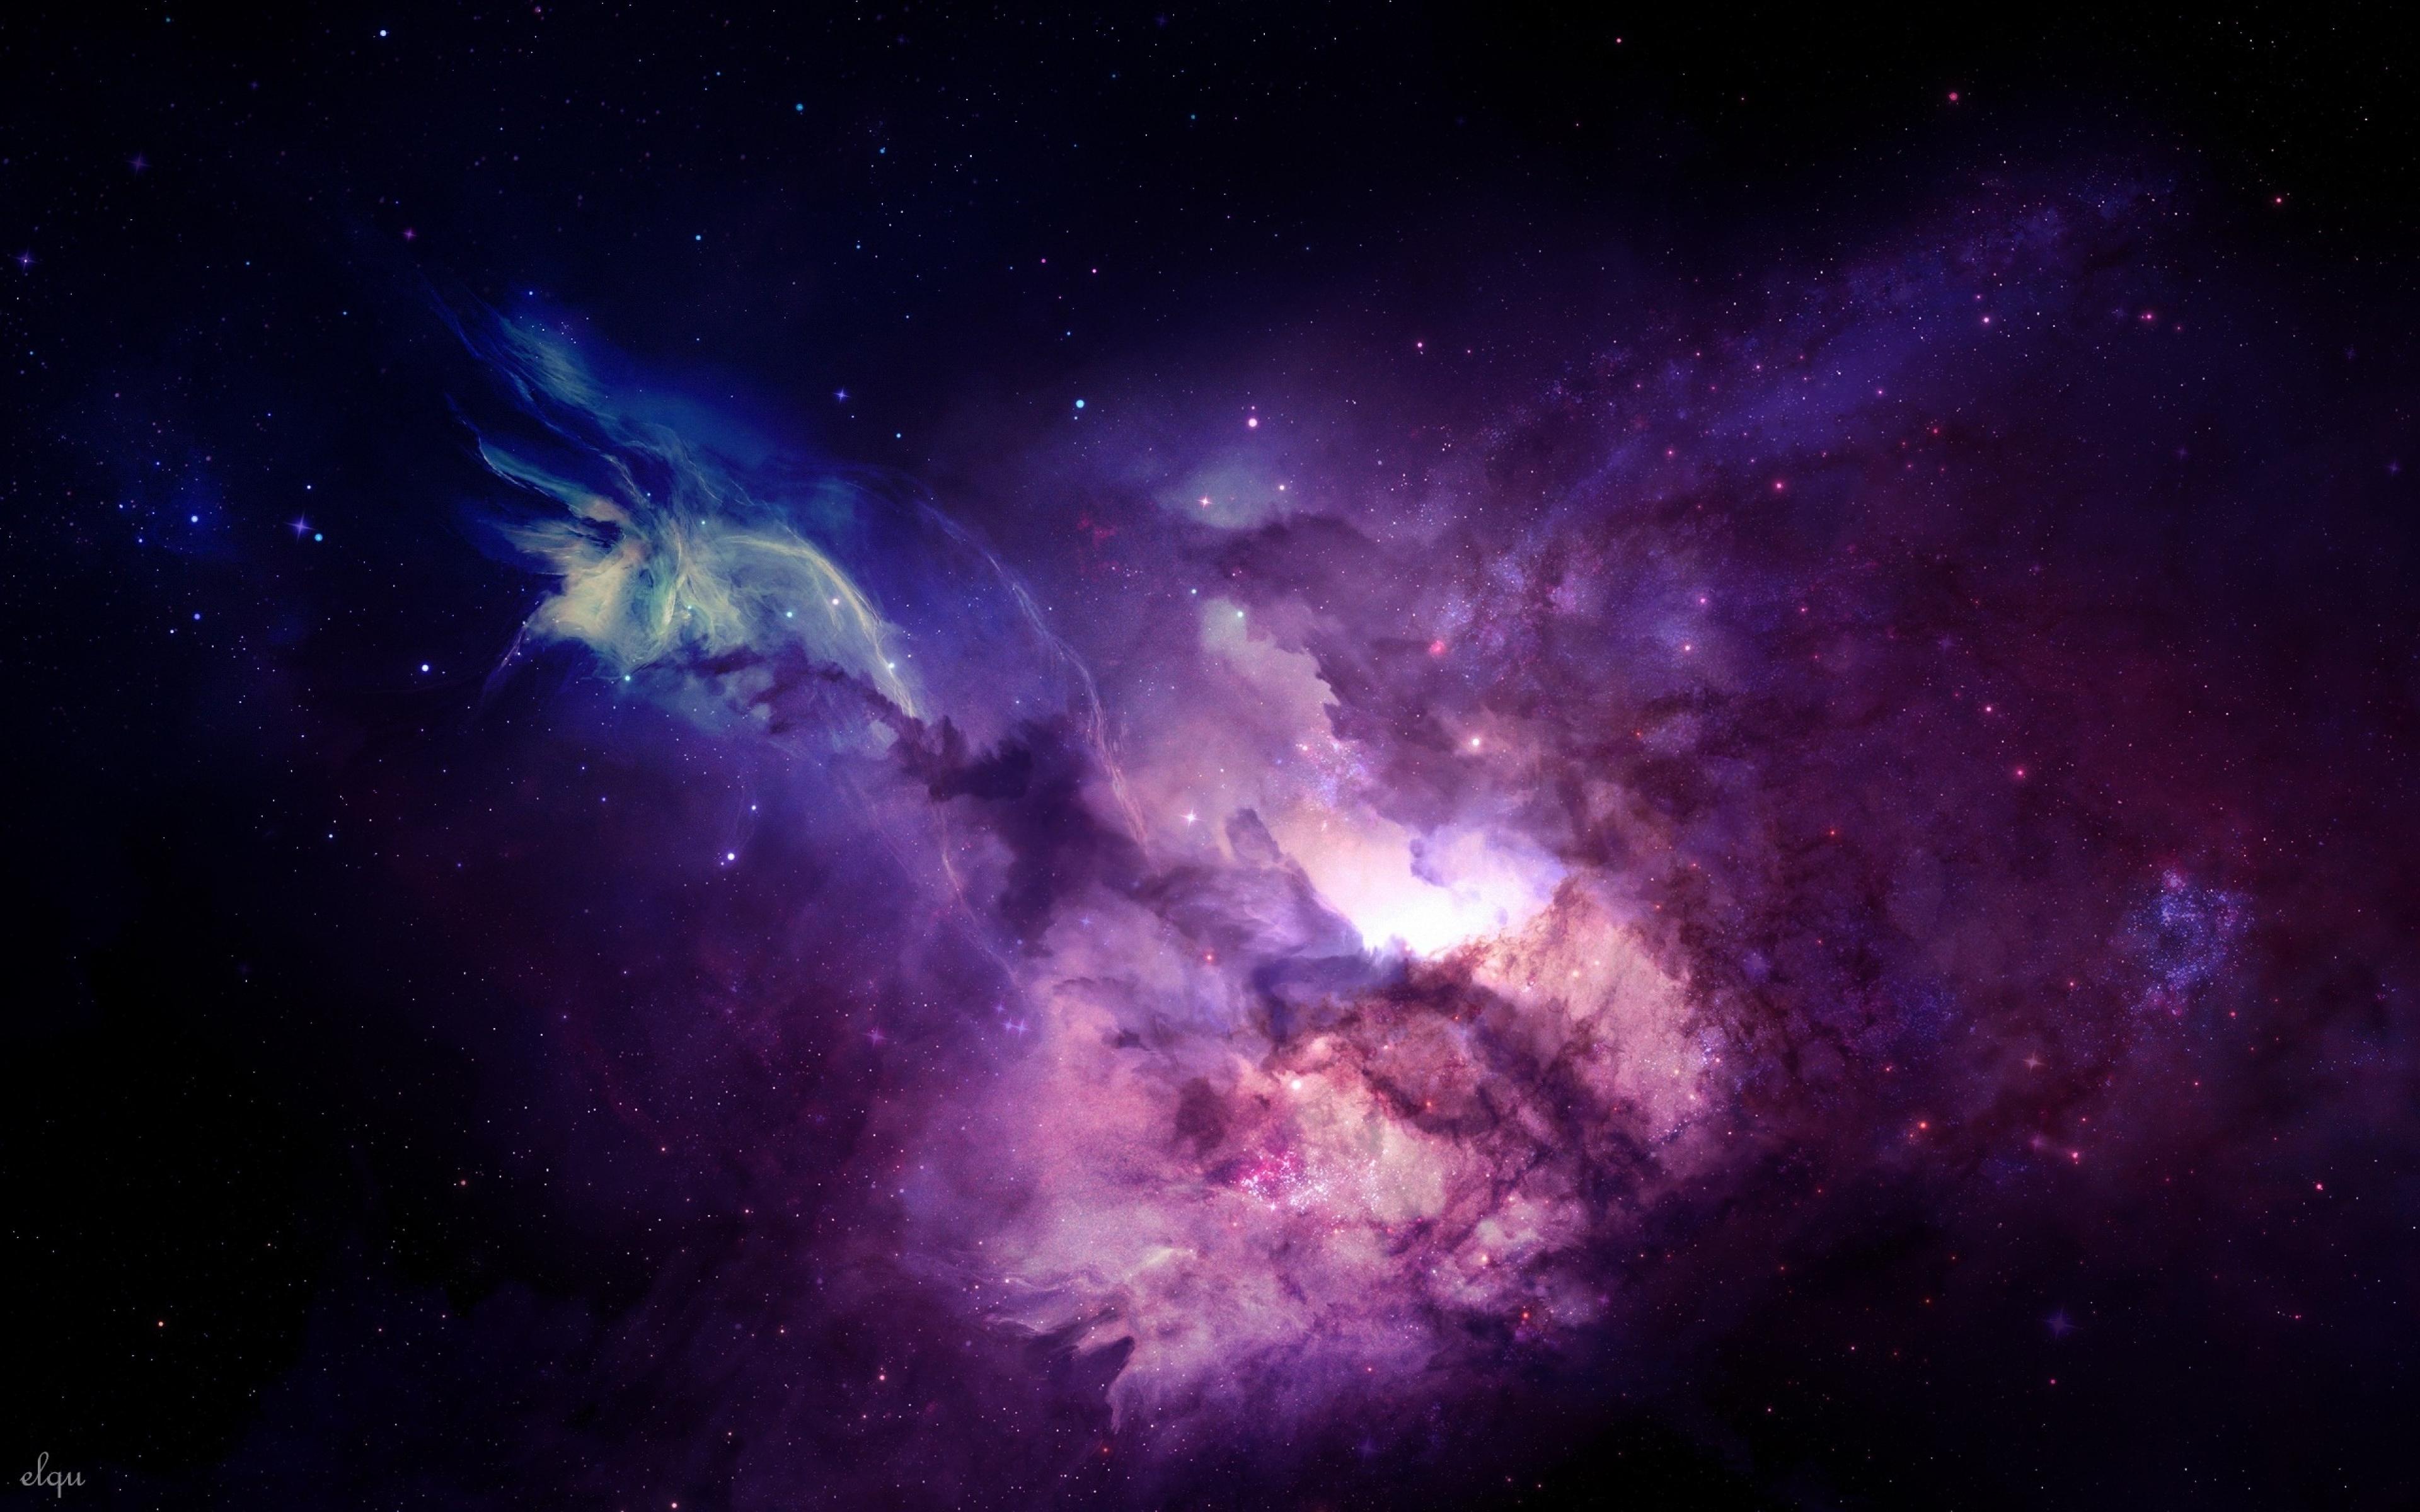 space_flight_sky_shadow_82966_3840x2400